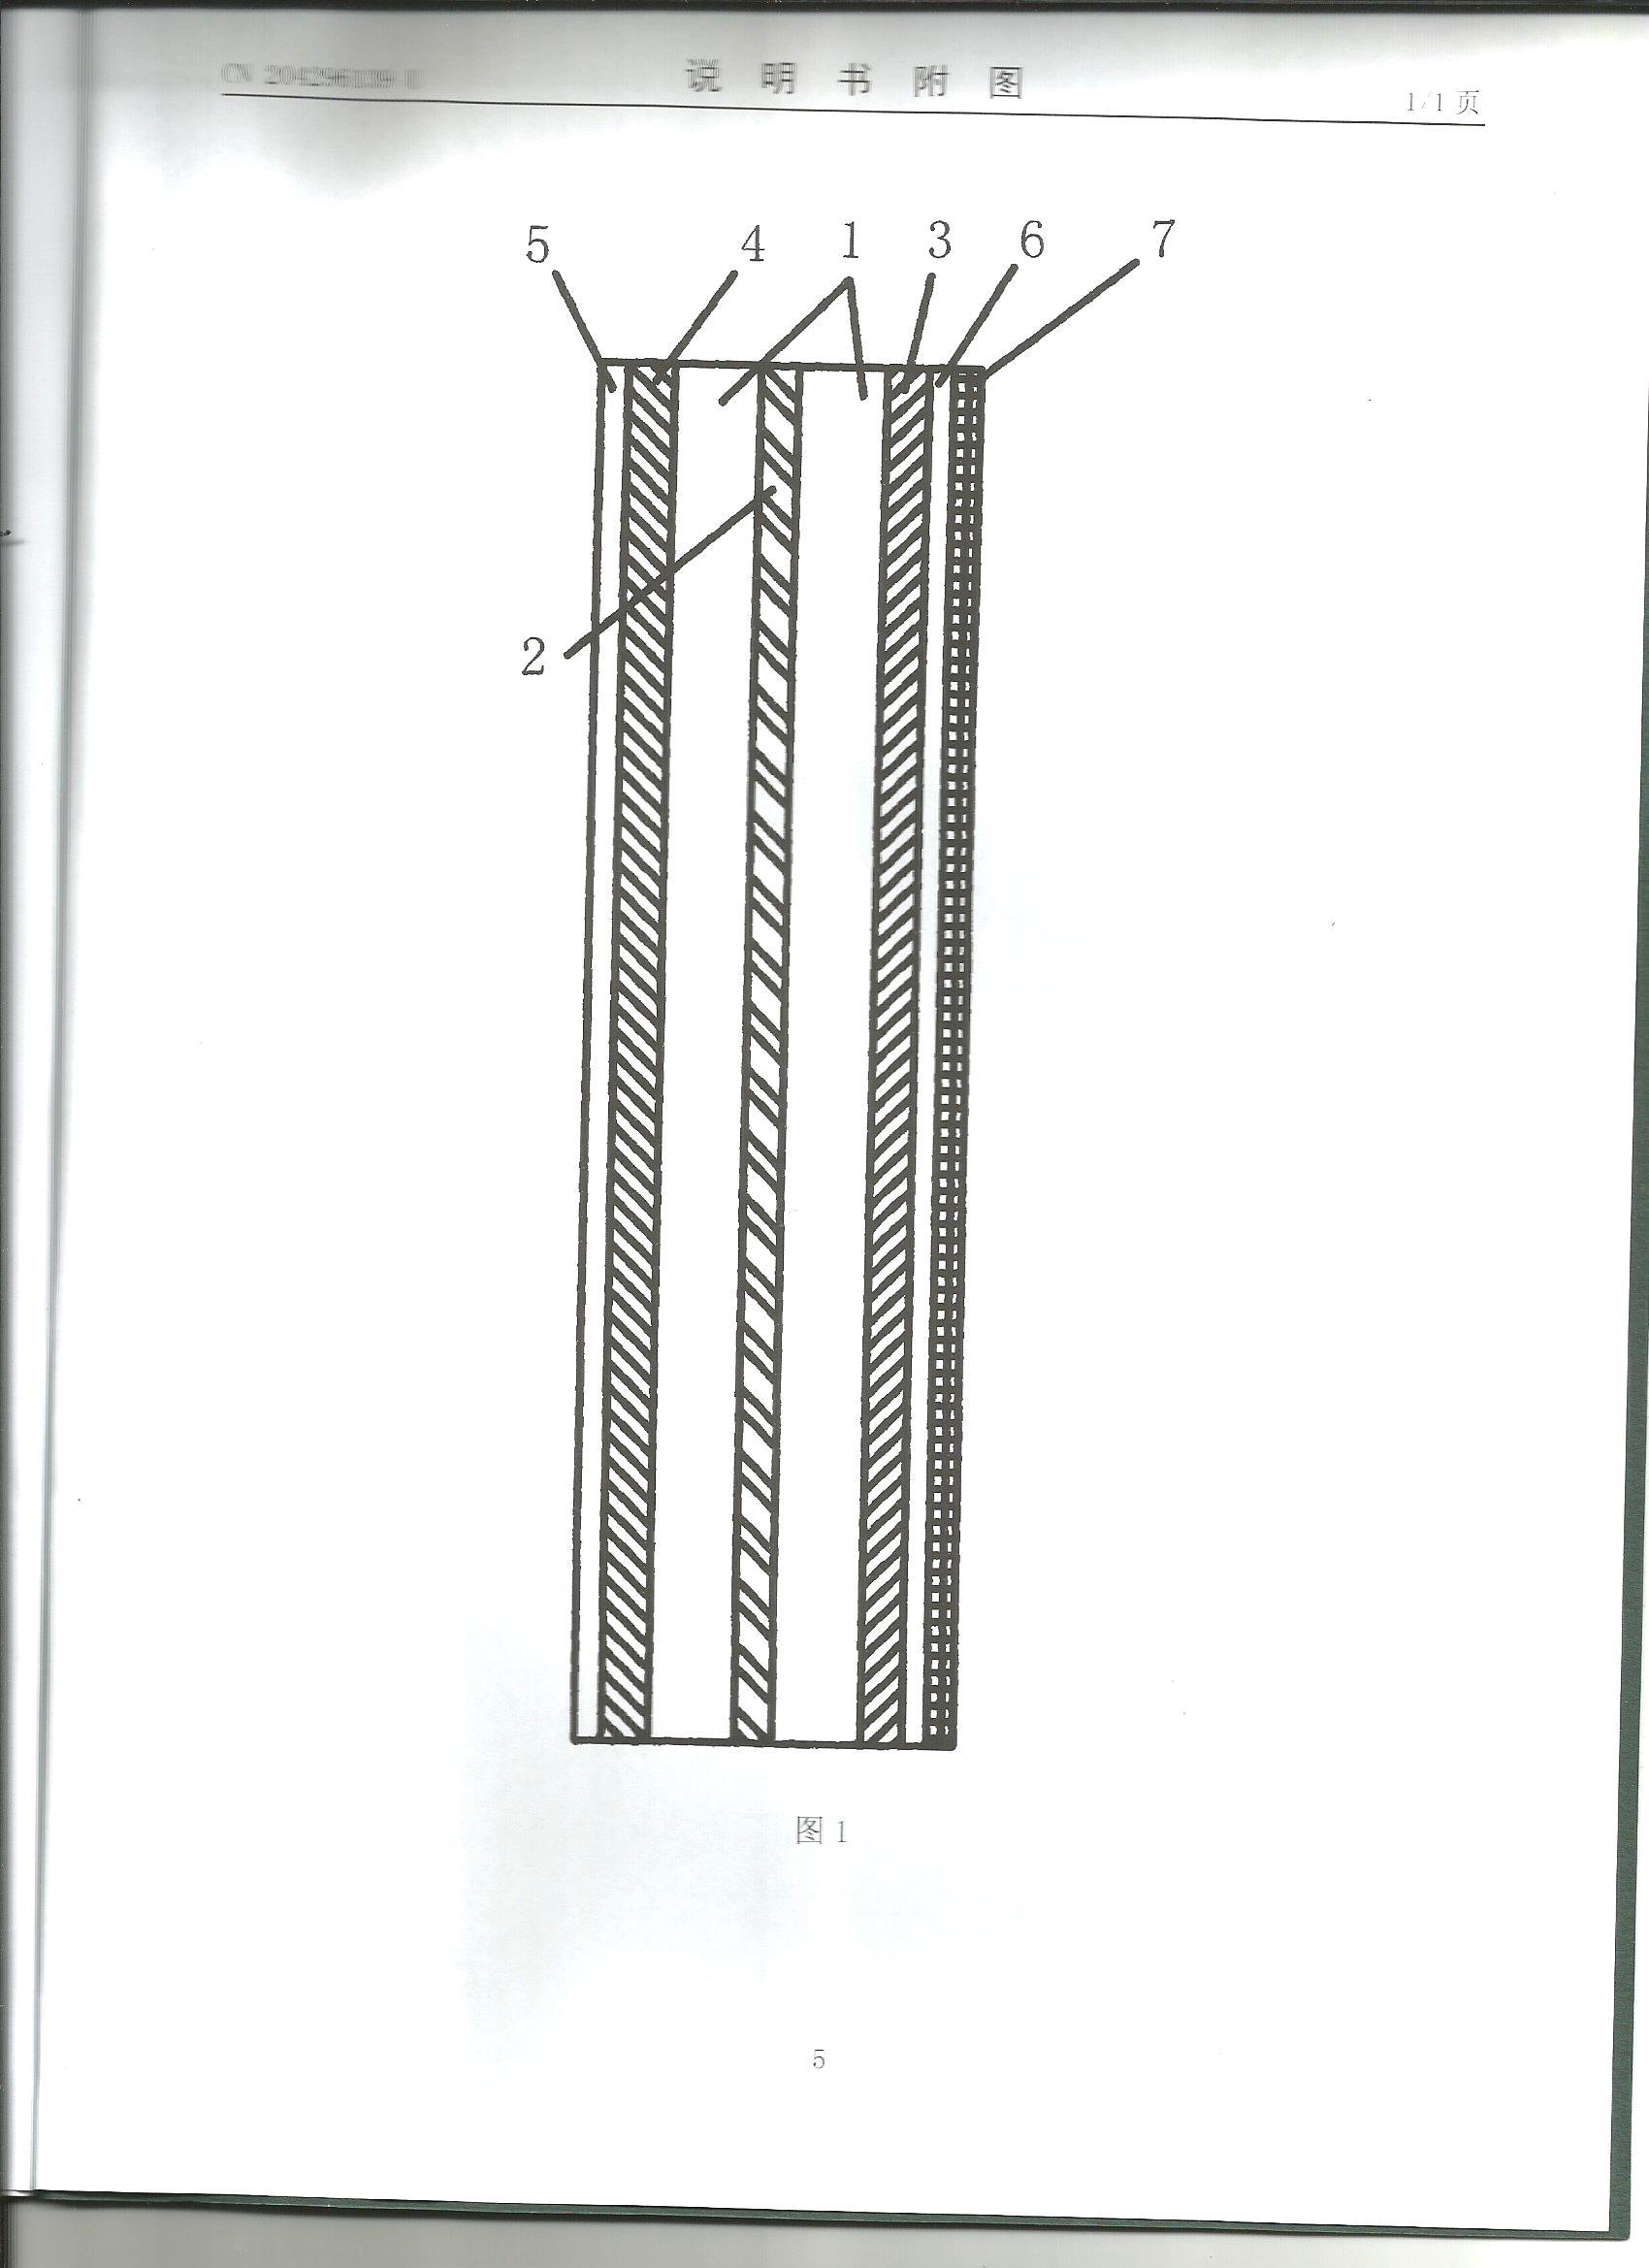 专利1—一种新型蓝钢片|企业资质-西安贝诺茵电子科技有限公司